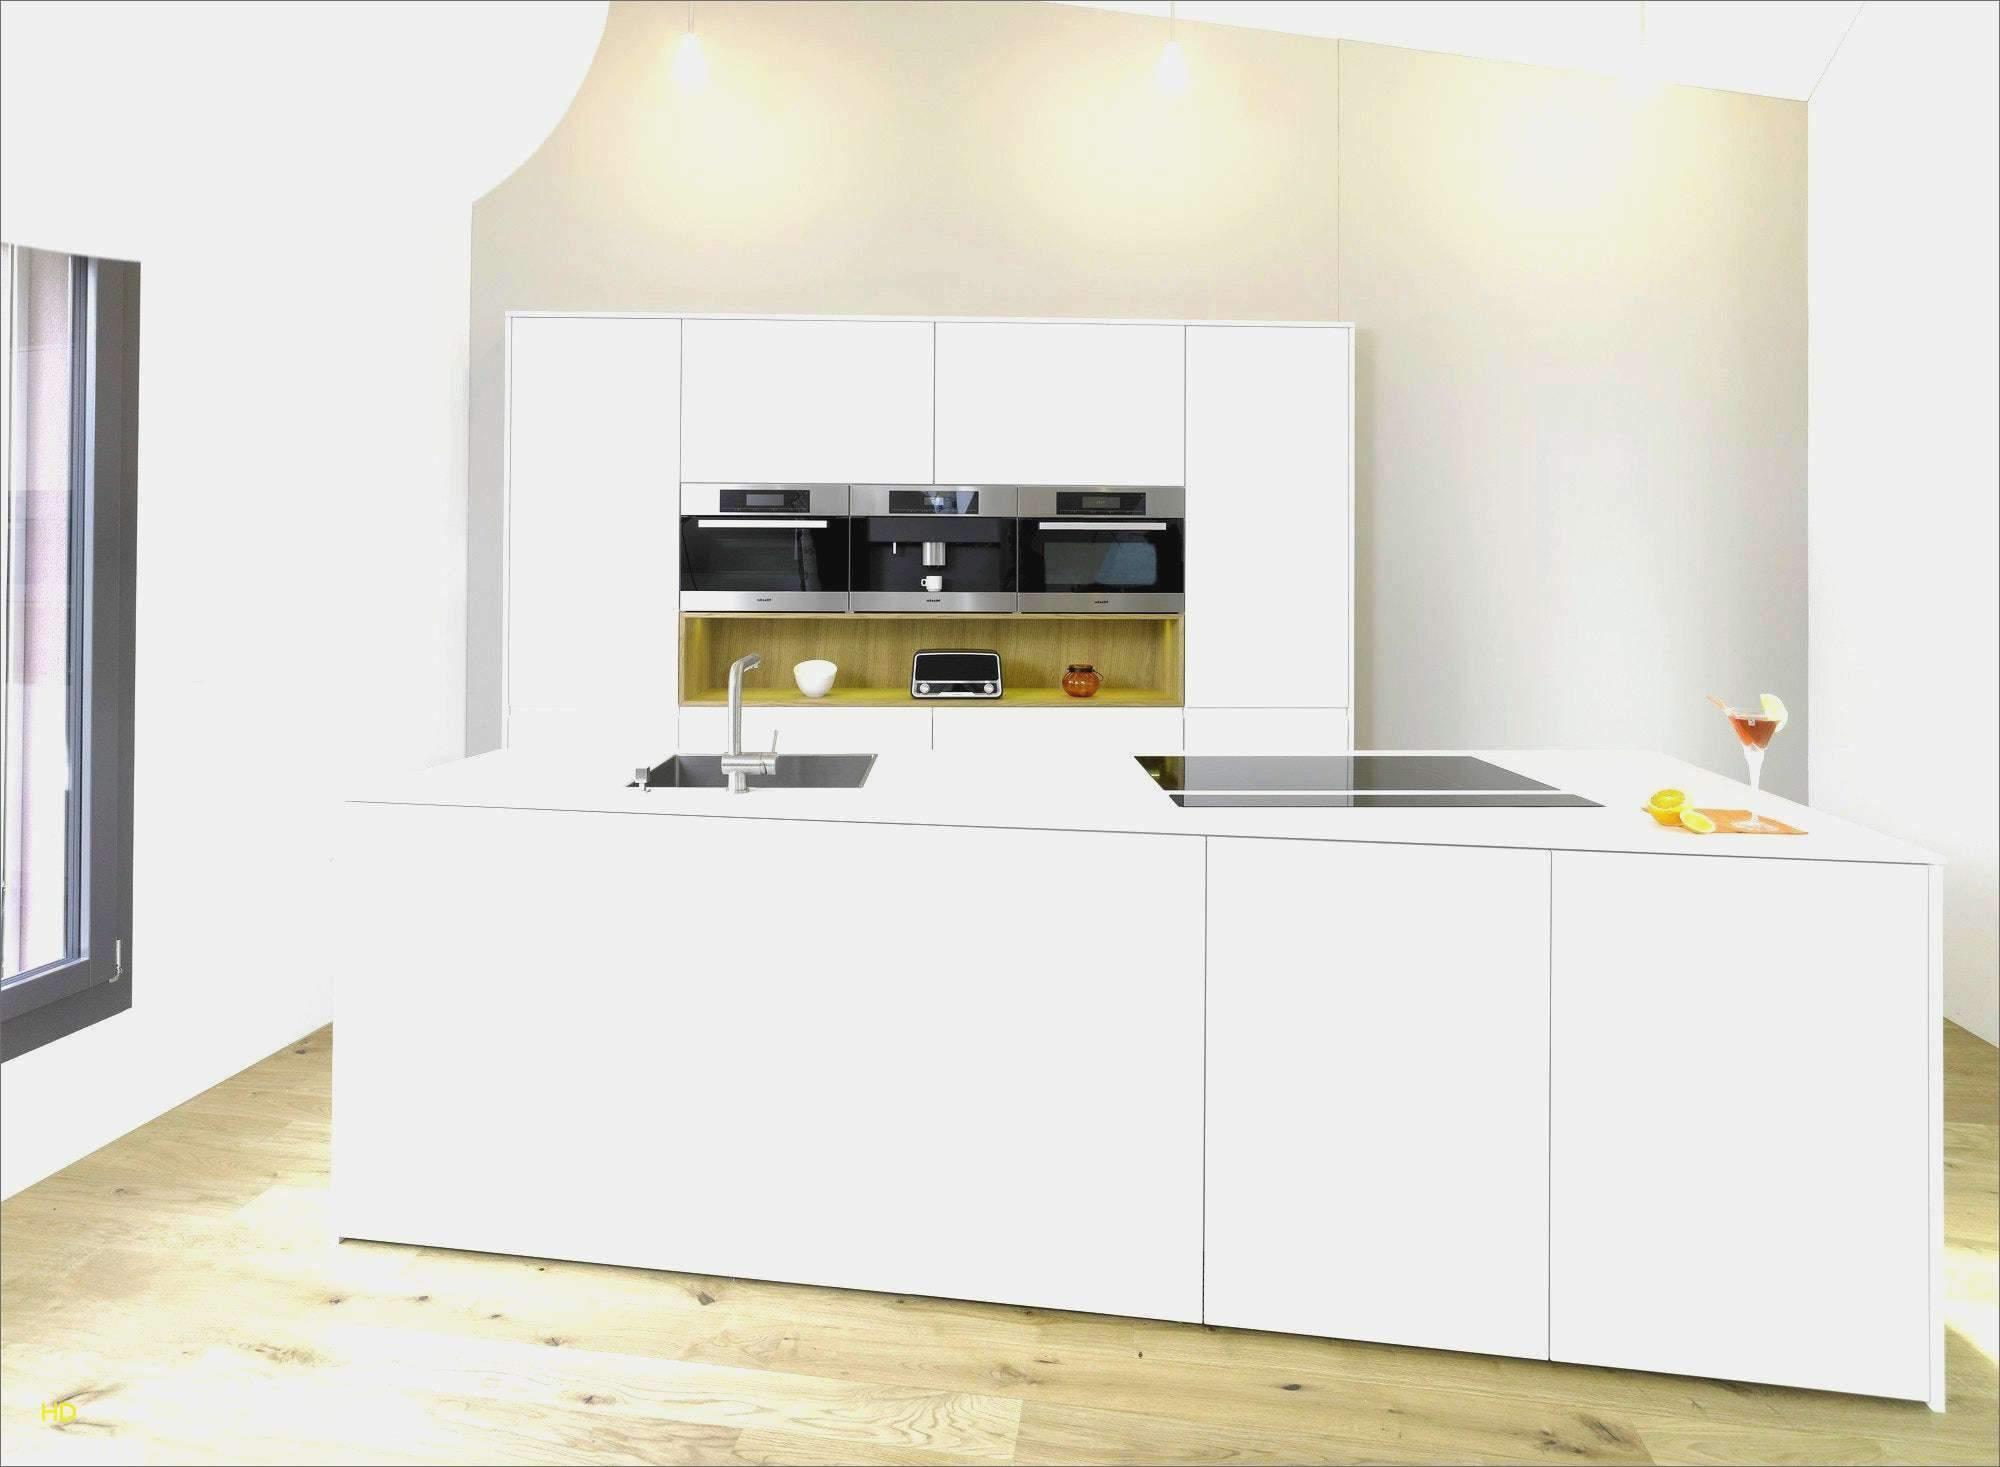 Full Size of Trennwand Ikea Wohnzimmer Inspirierend Aufbewahrung Kche Landhaus Betten 160x200 Sofa Mit Schlaffunktion Garten Küche Kosten Bei Kaufen Modulküche Wohnzimmer Trennwand Ikea